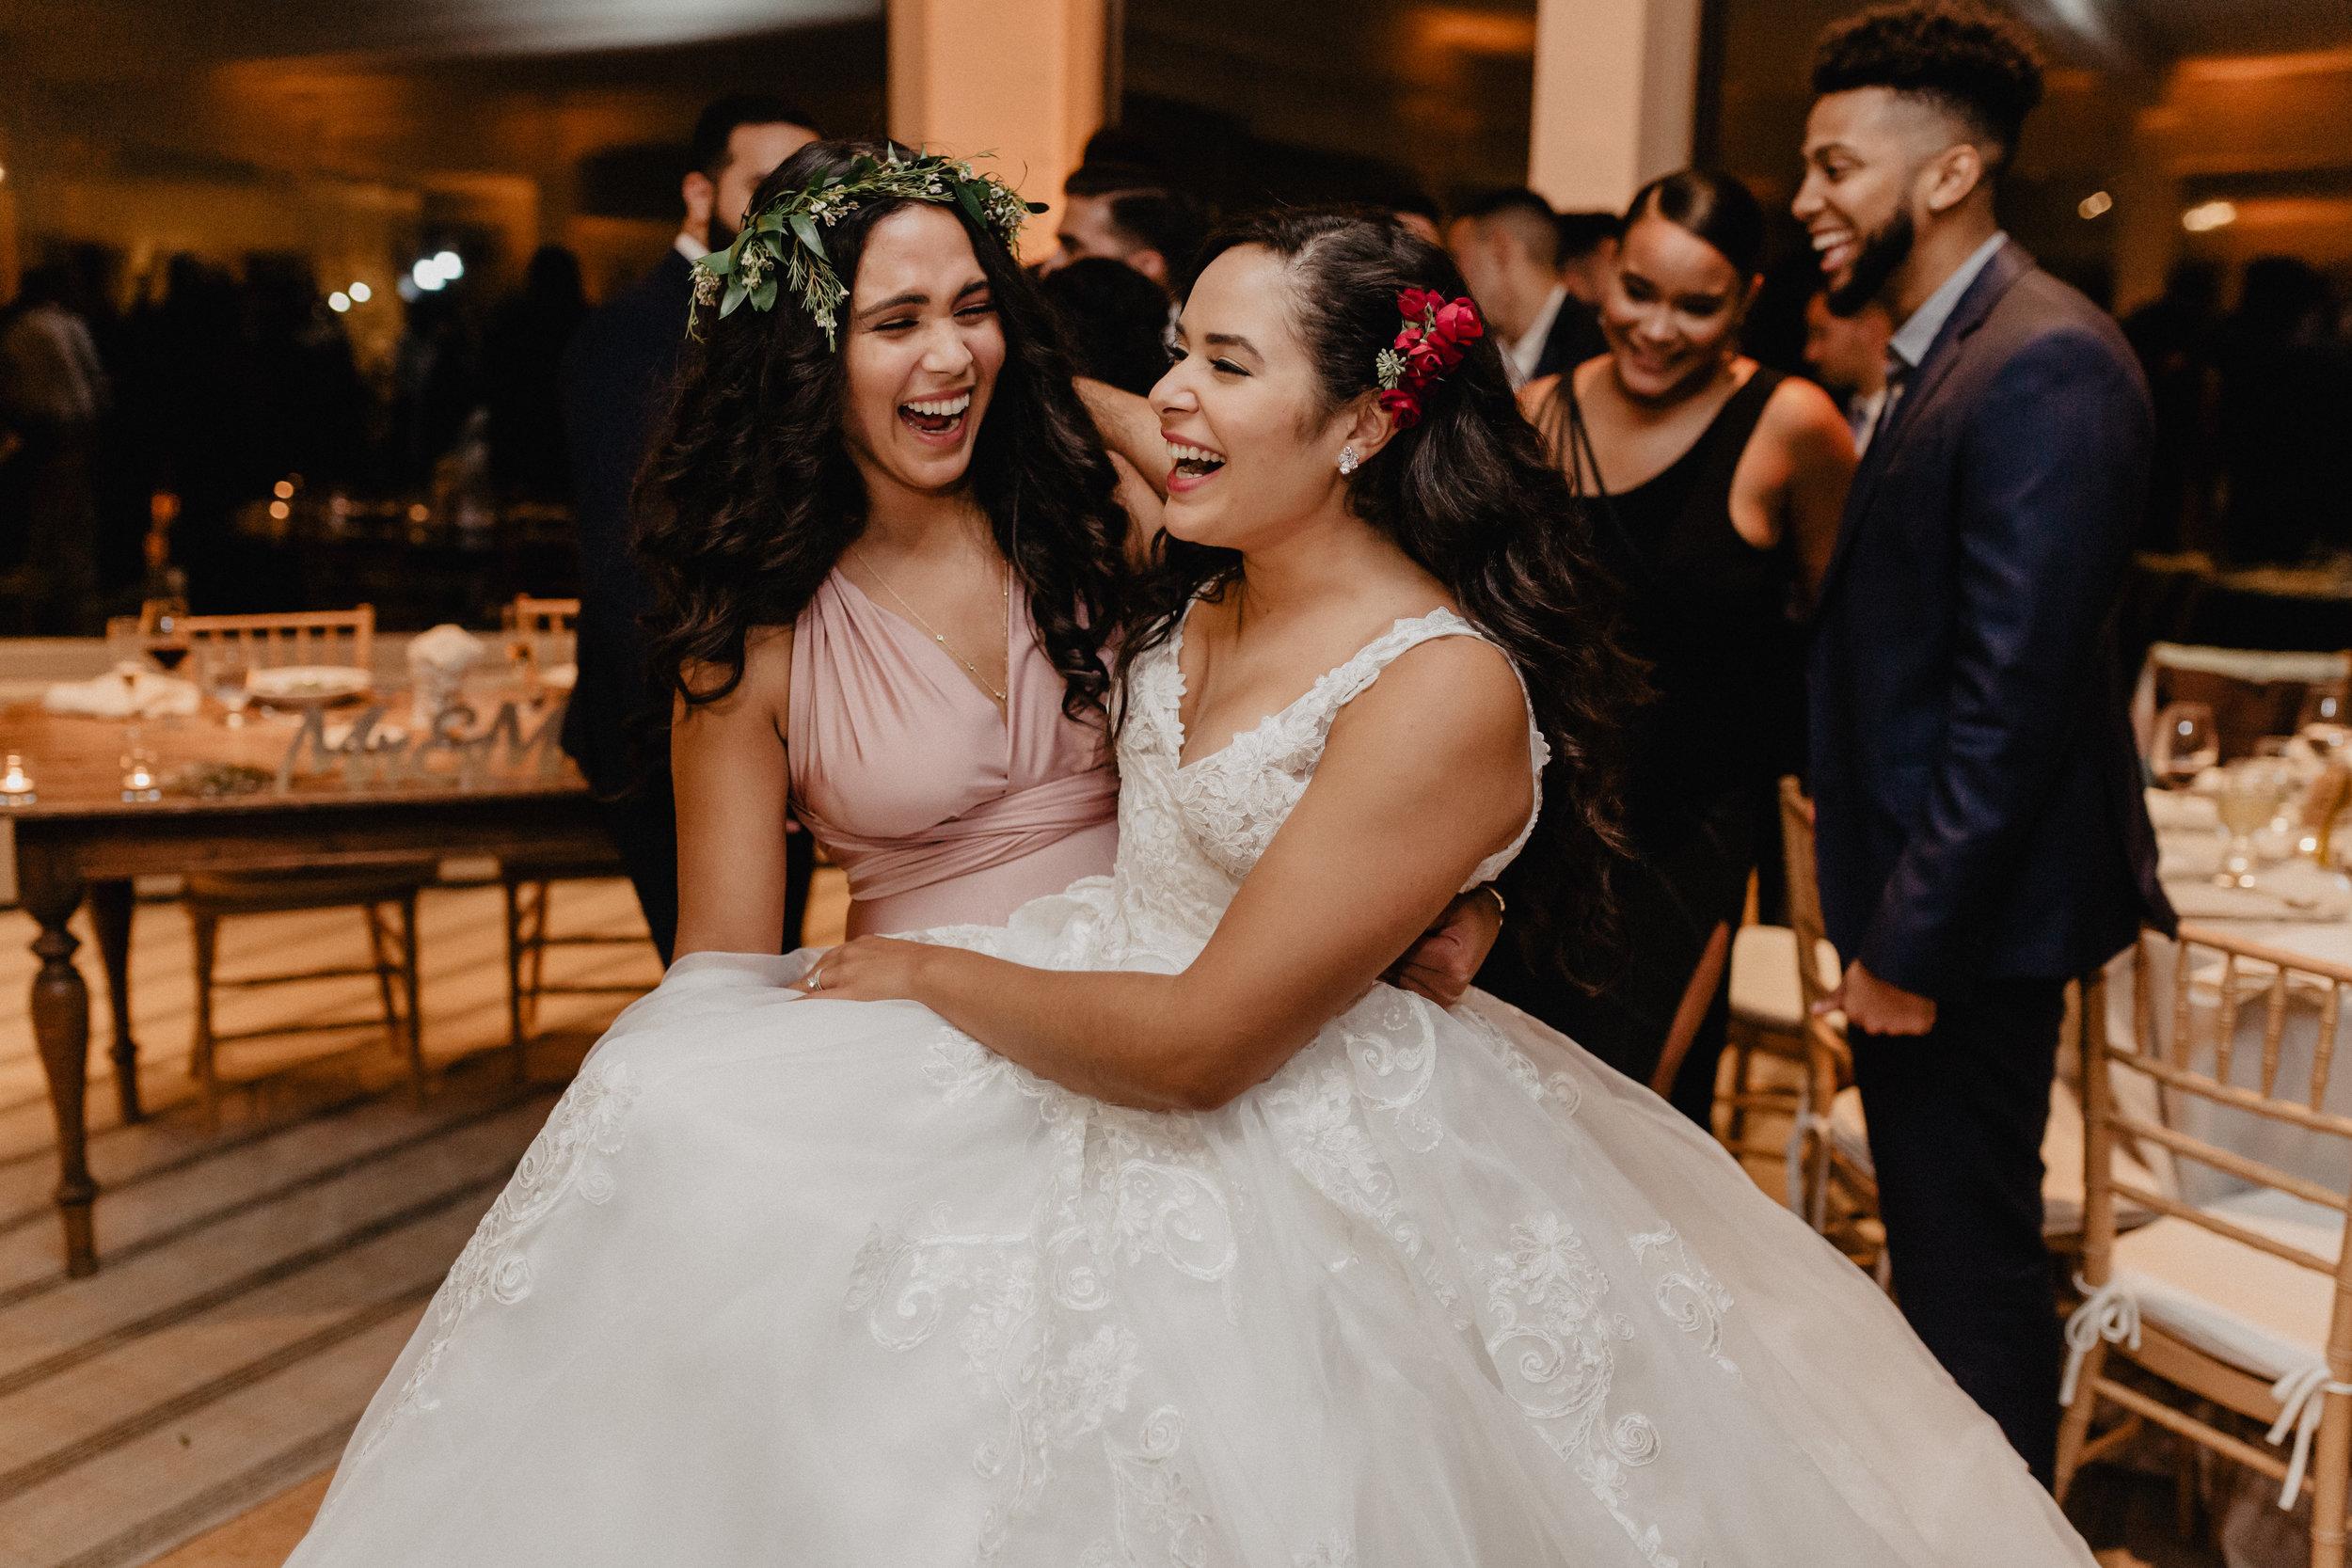 garrison_wedding_photos_095.jpg